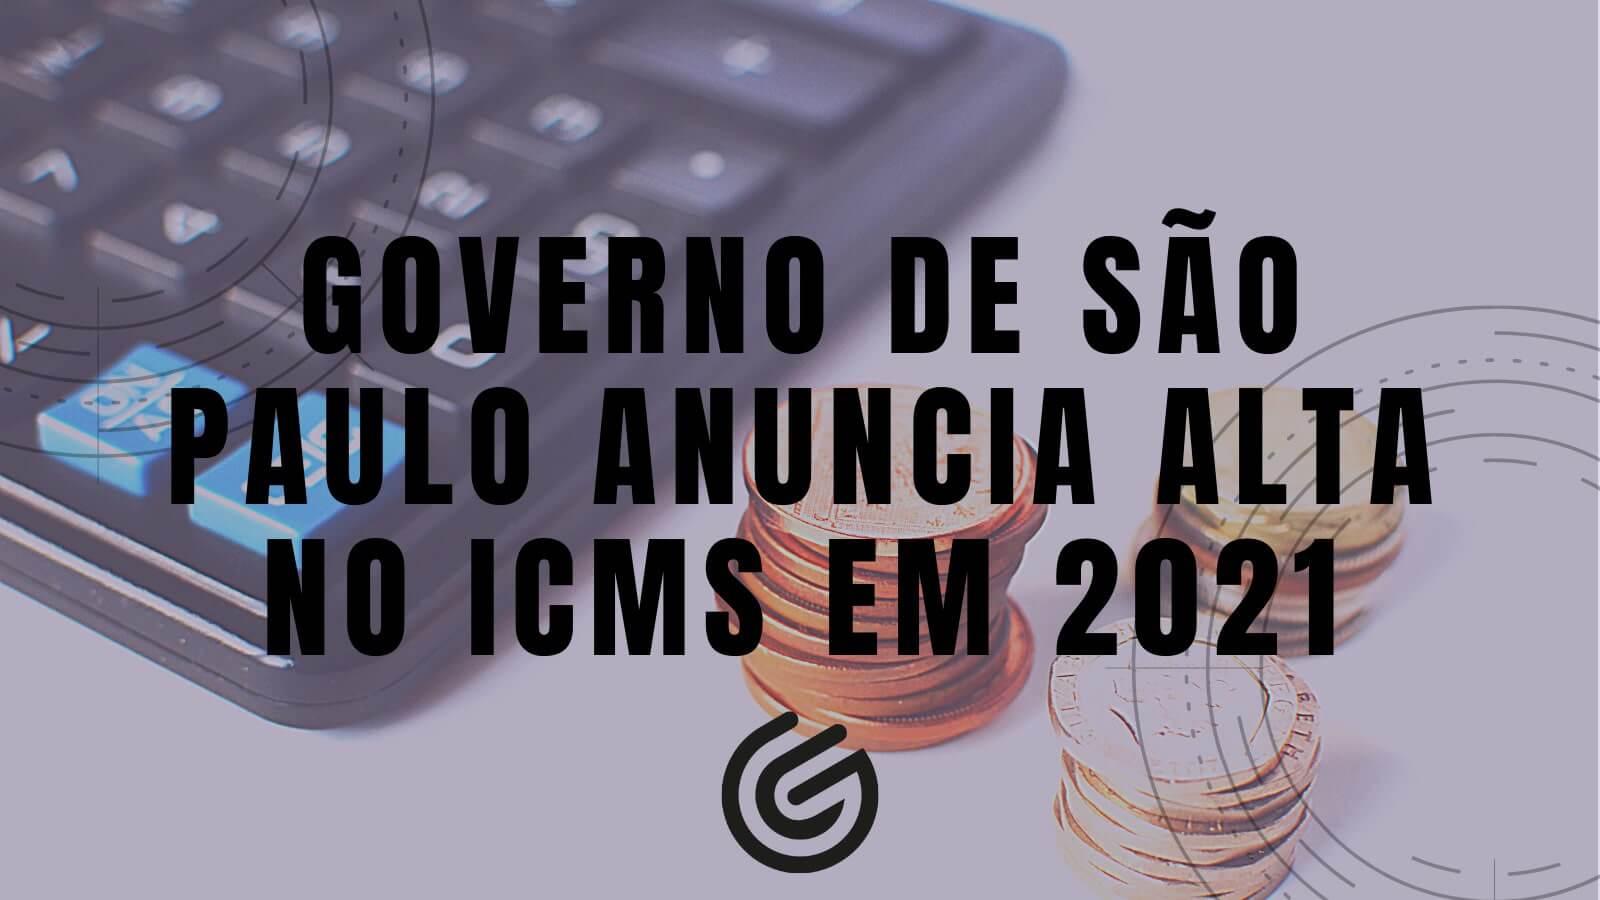 Governo-de-São-Paulo-anuncia-alta-no-ICMS-em-2021